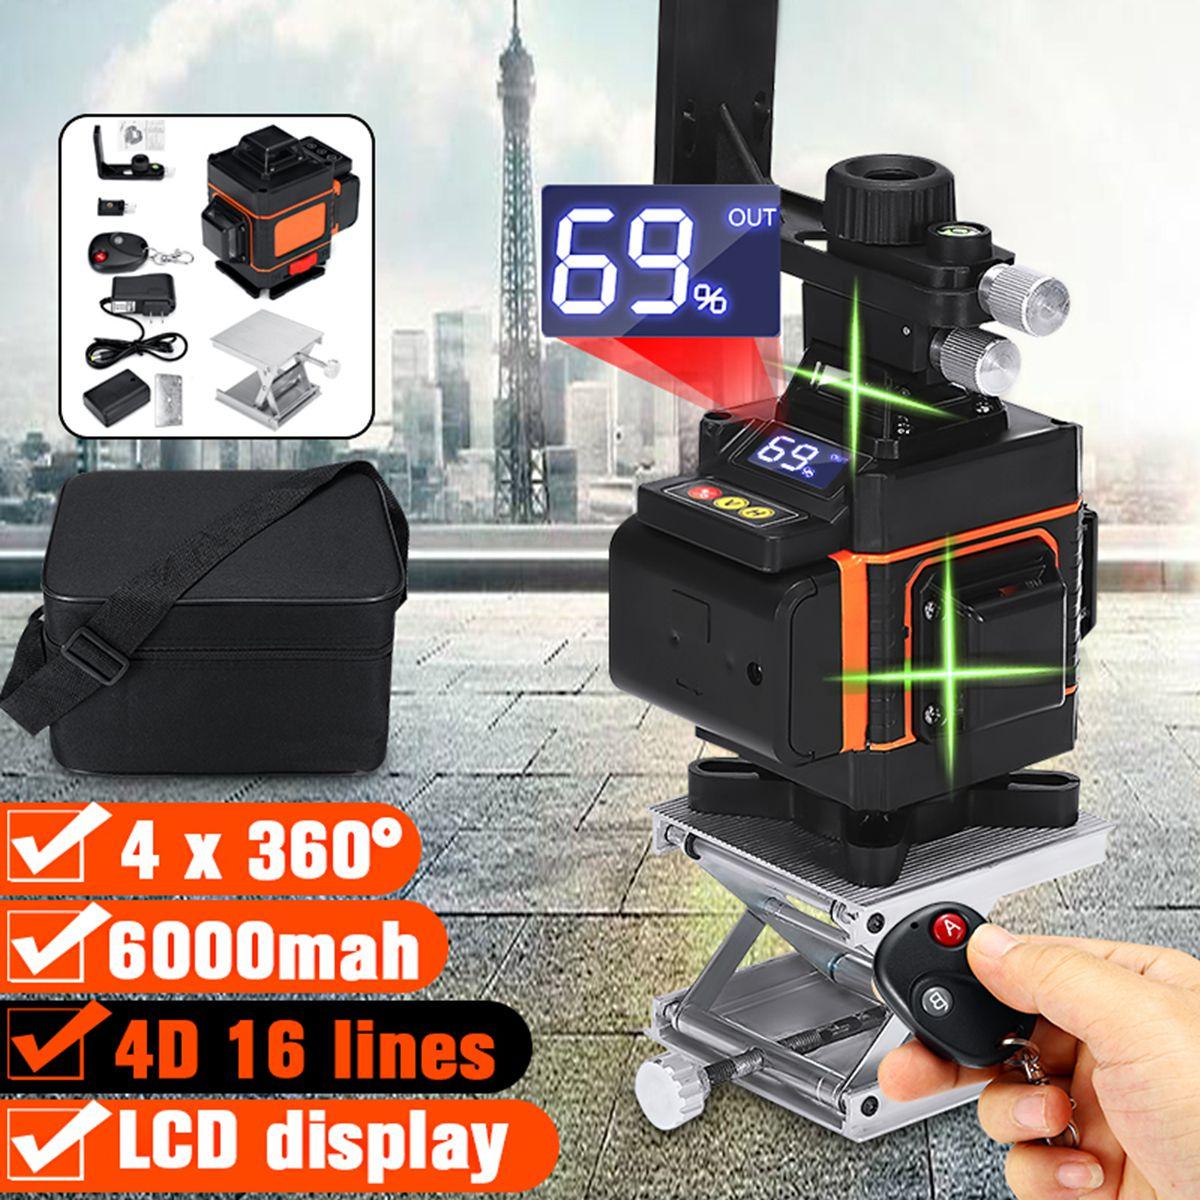 4D 16 Linien Laser Level Grün Licht Led-anzeige Auto Selbst Nivellierung 360 ° Dreh Kreuz Messen Fernbedienung Wasserdicht IP54